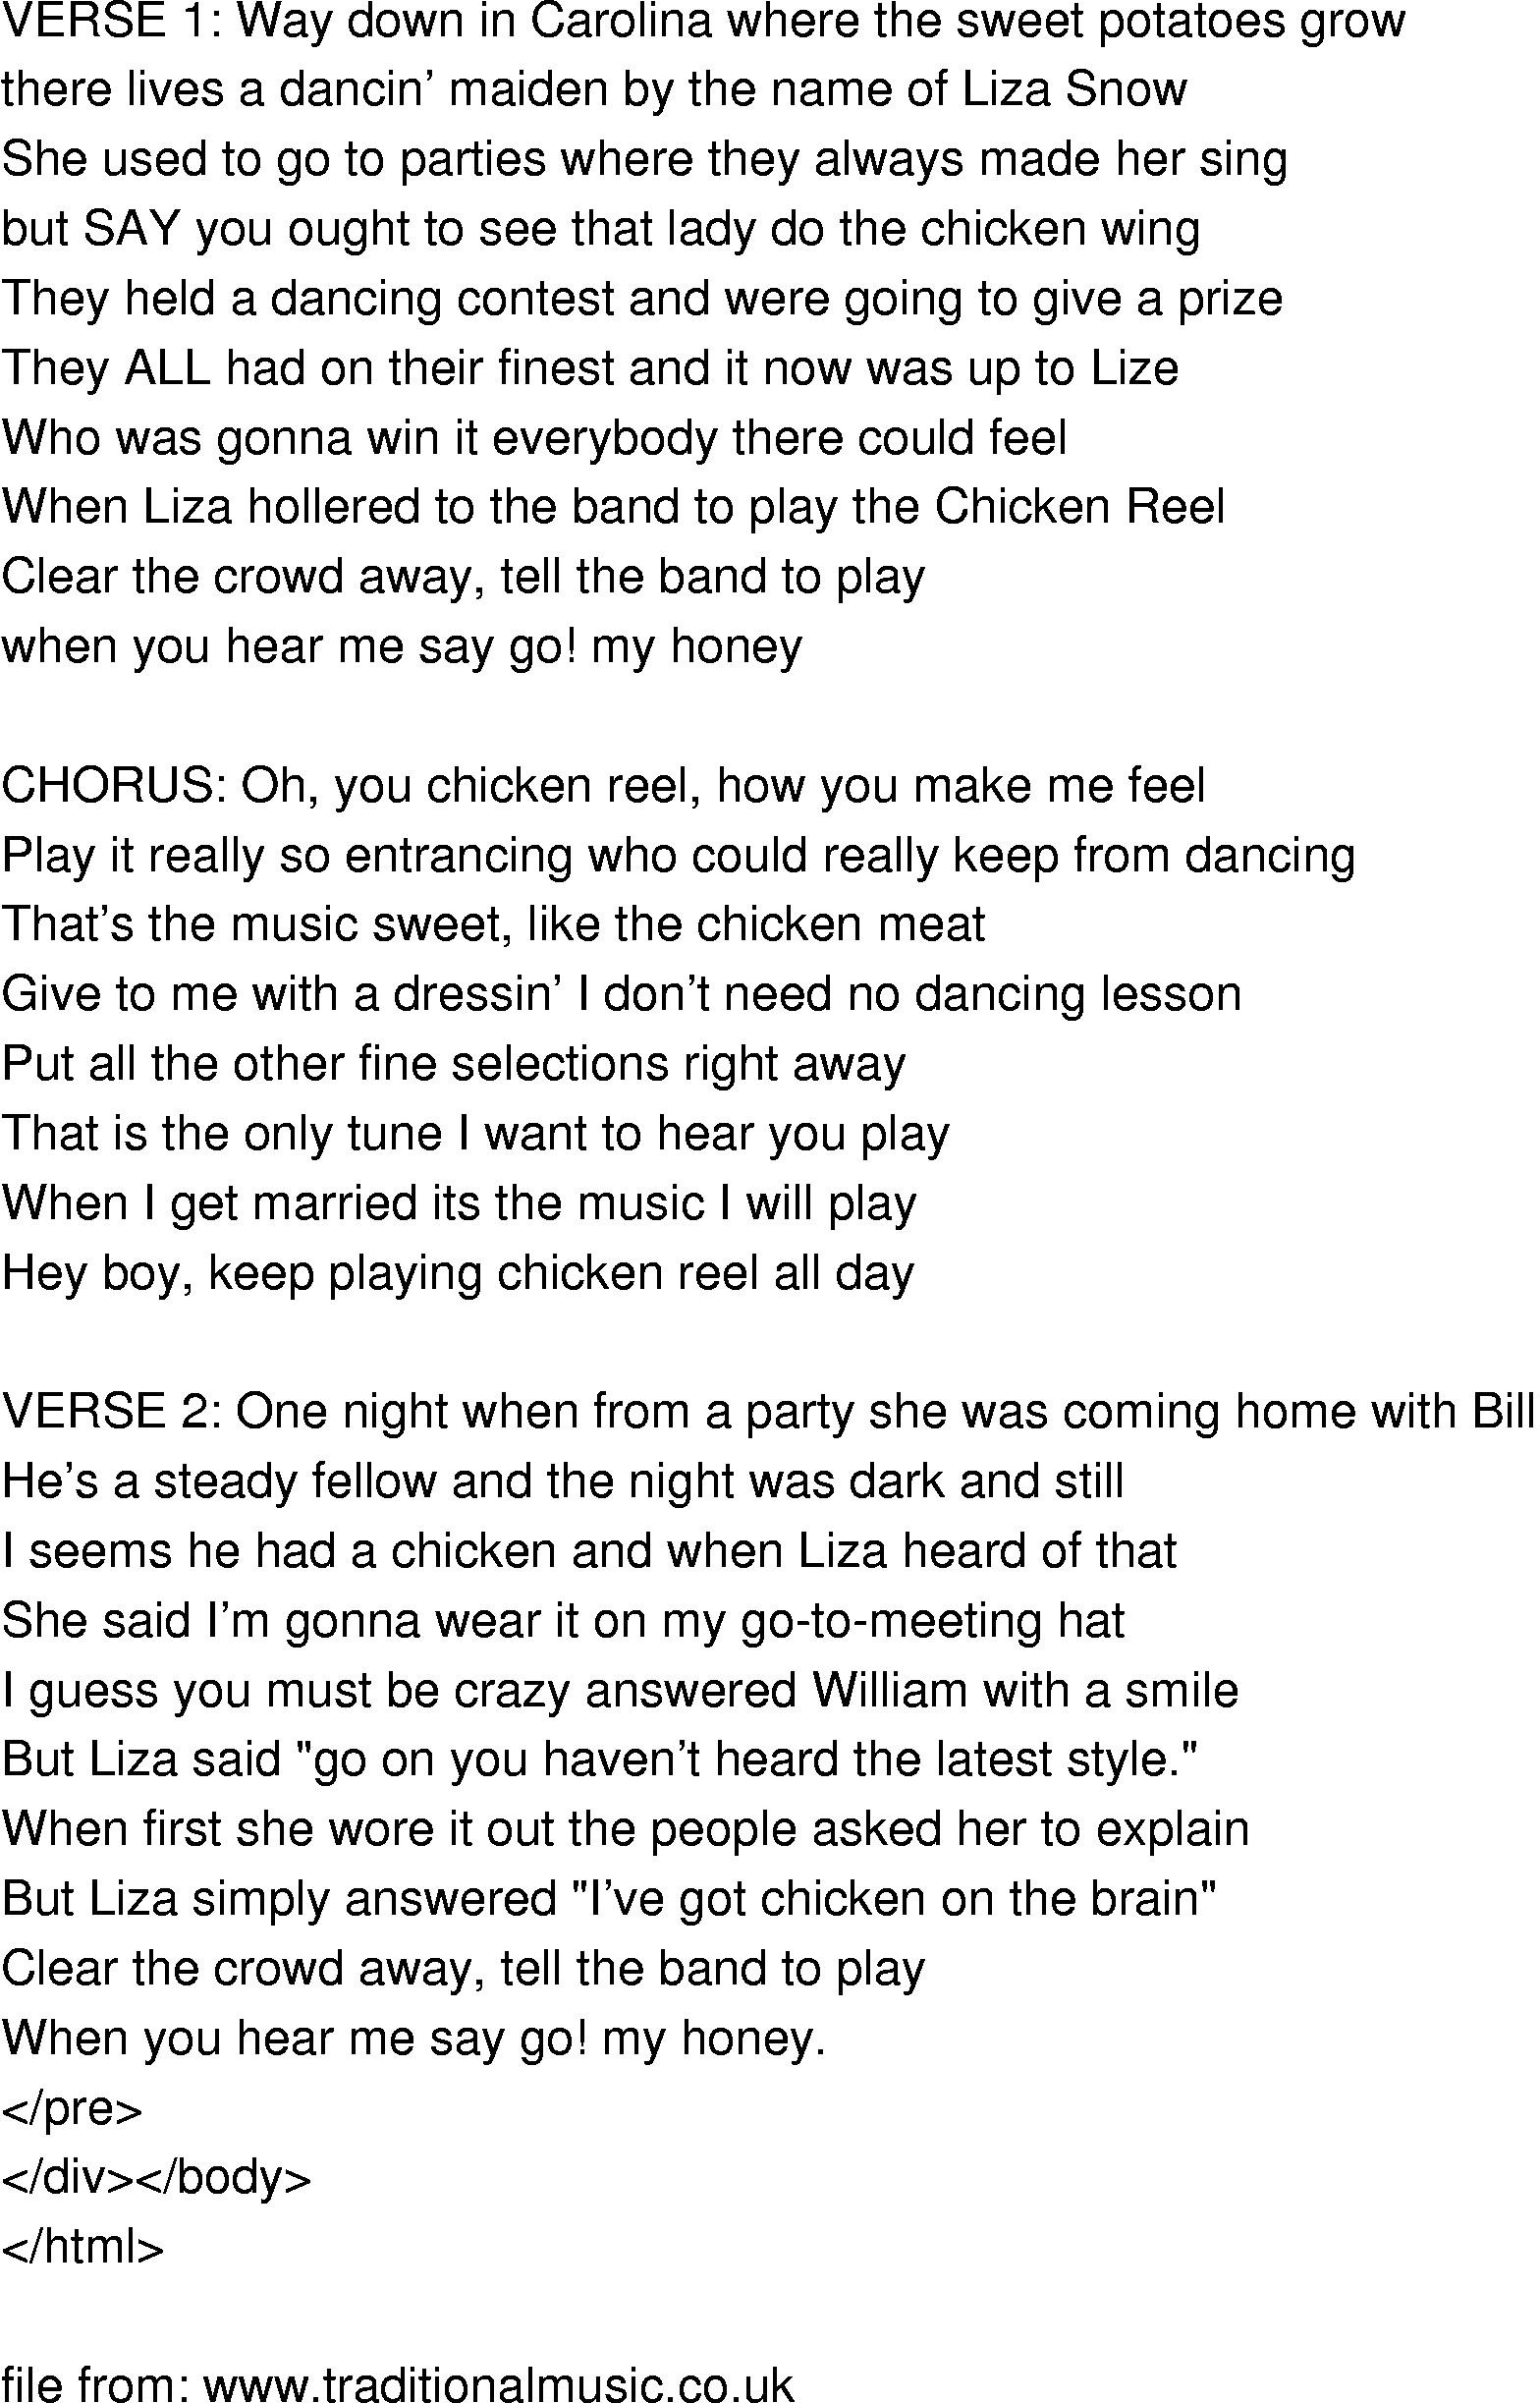 Chicken Fried Lyrics  chicken song lyrics